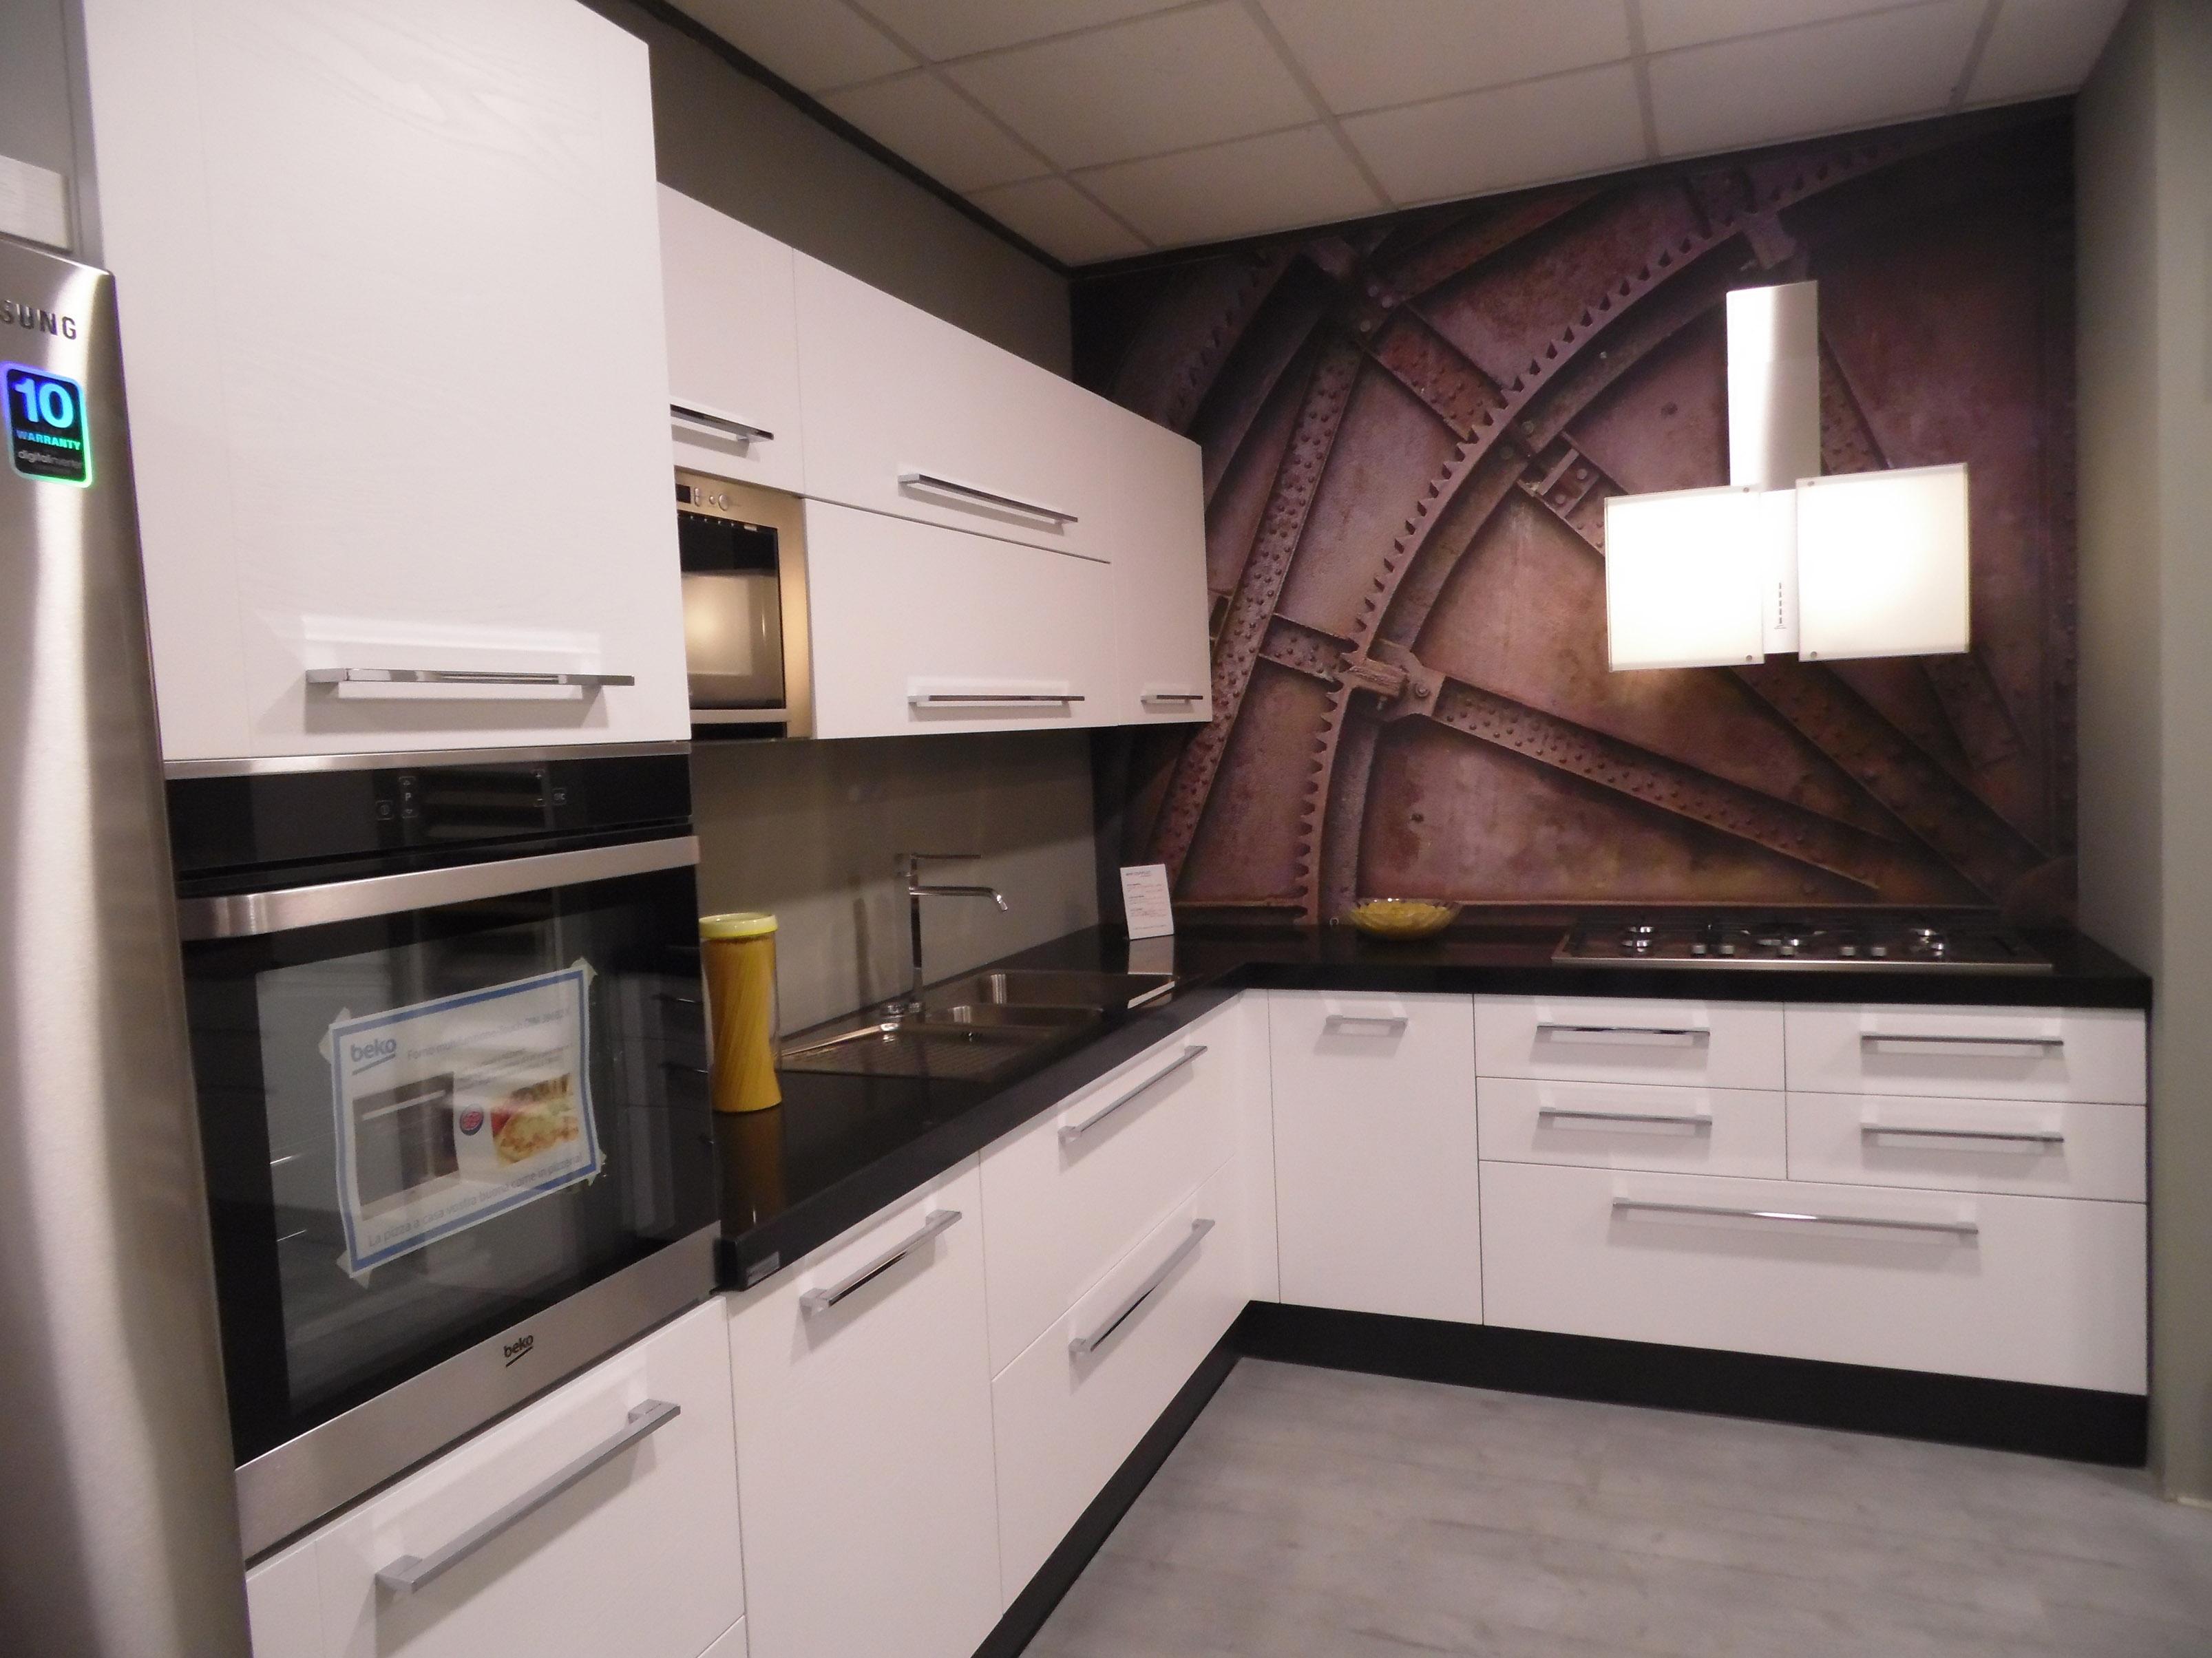 Cucine Dada Prezzi - Smart Wallpaper - Boxgro.com